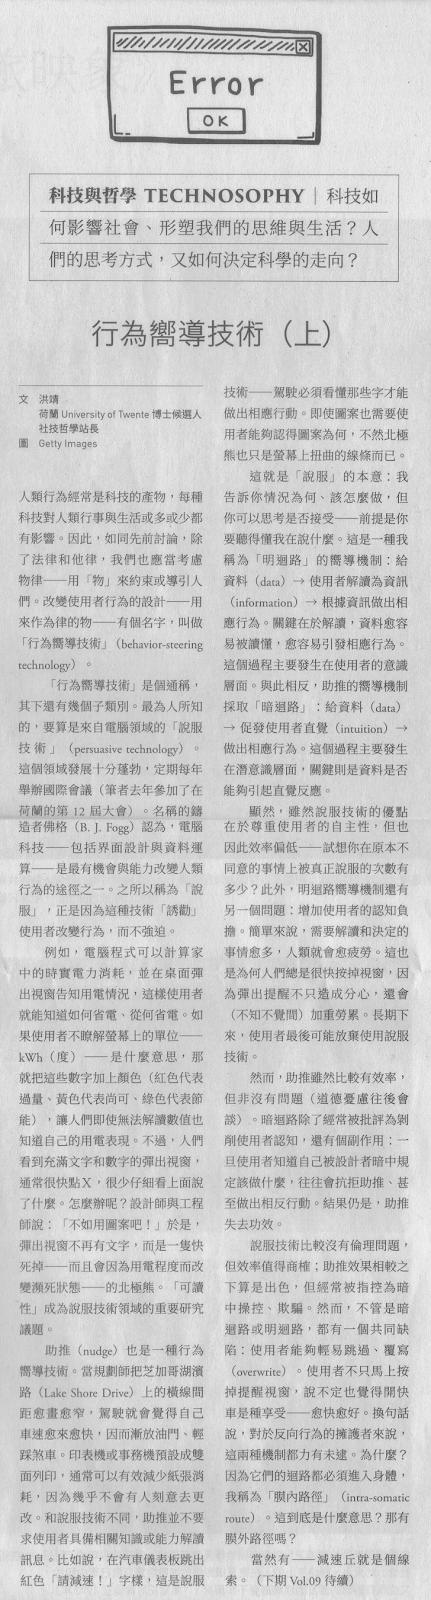 行為嚮導技術(上):勸服科技與助推,刊登於 The Affairs 週刊編輯 008 2018.01.20